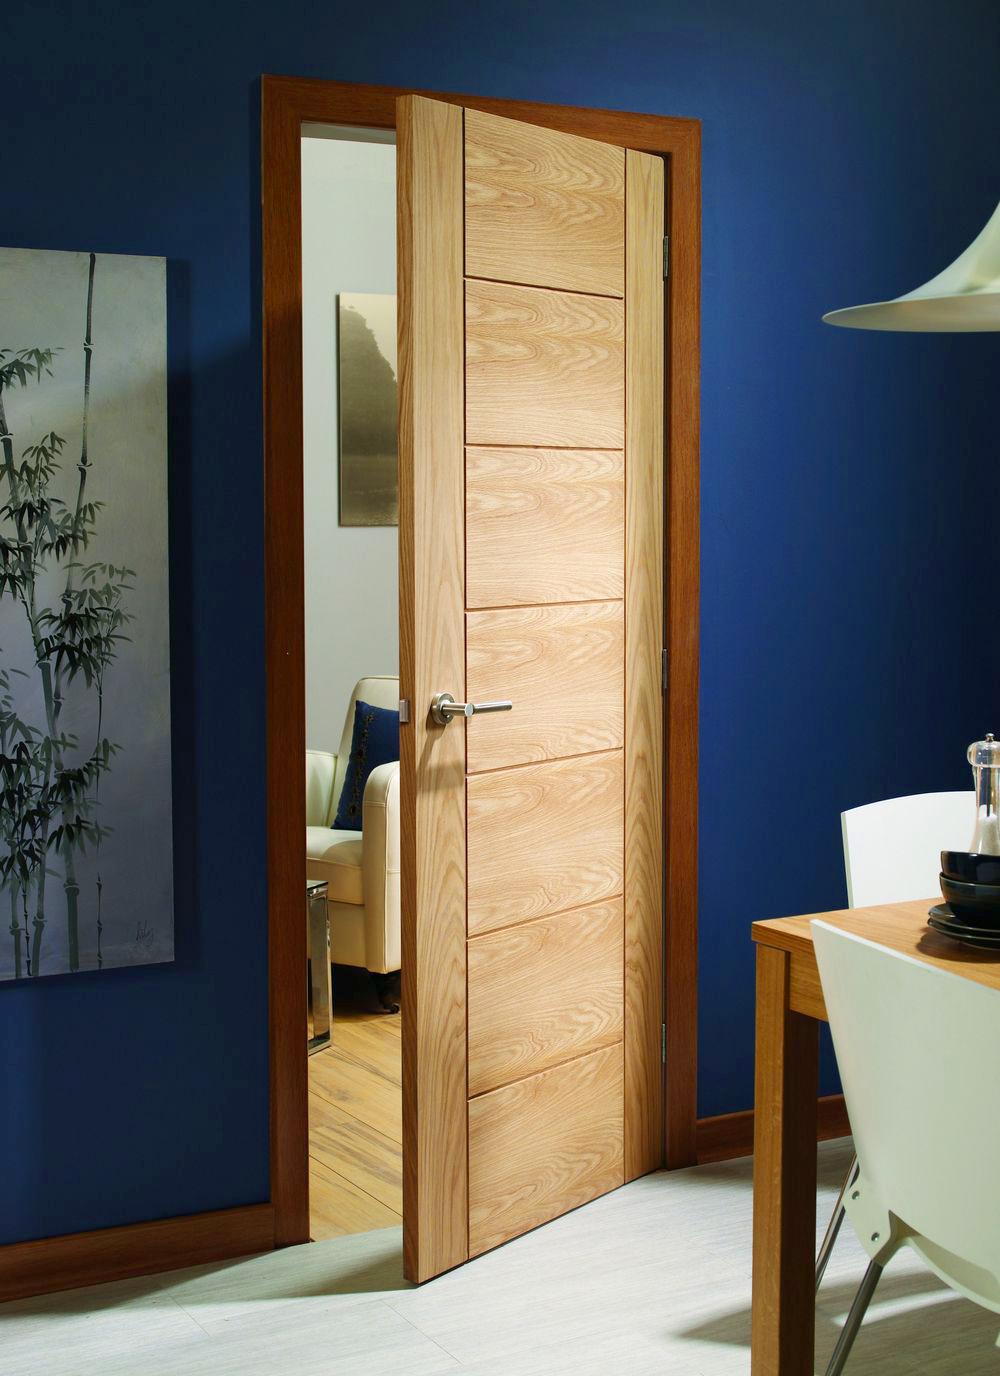 Межкомнатные двери из шпона: что это такое, и как правильно выбрать?